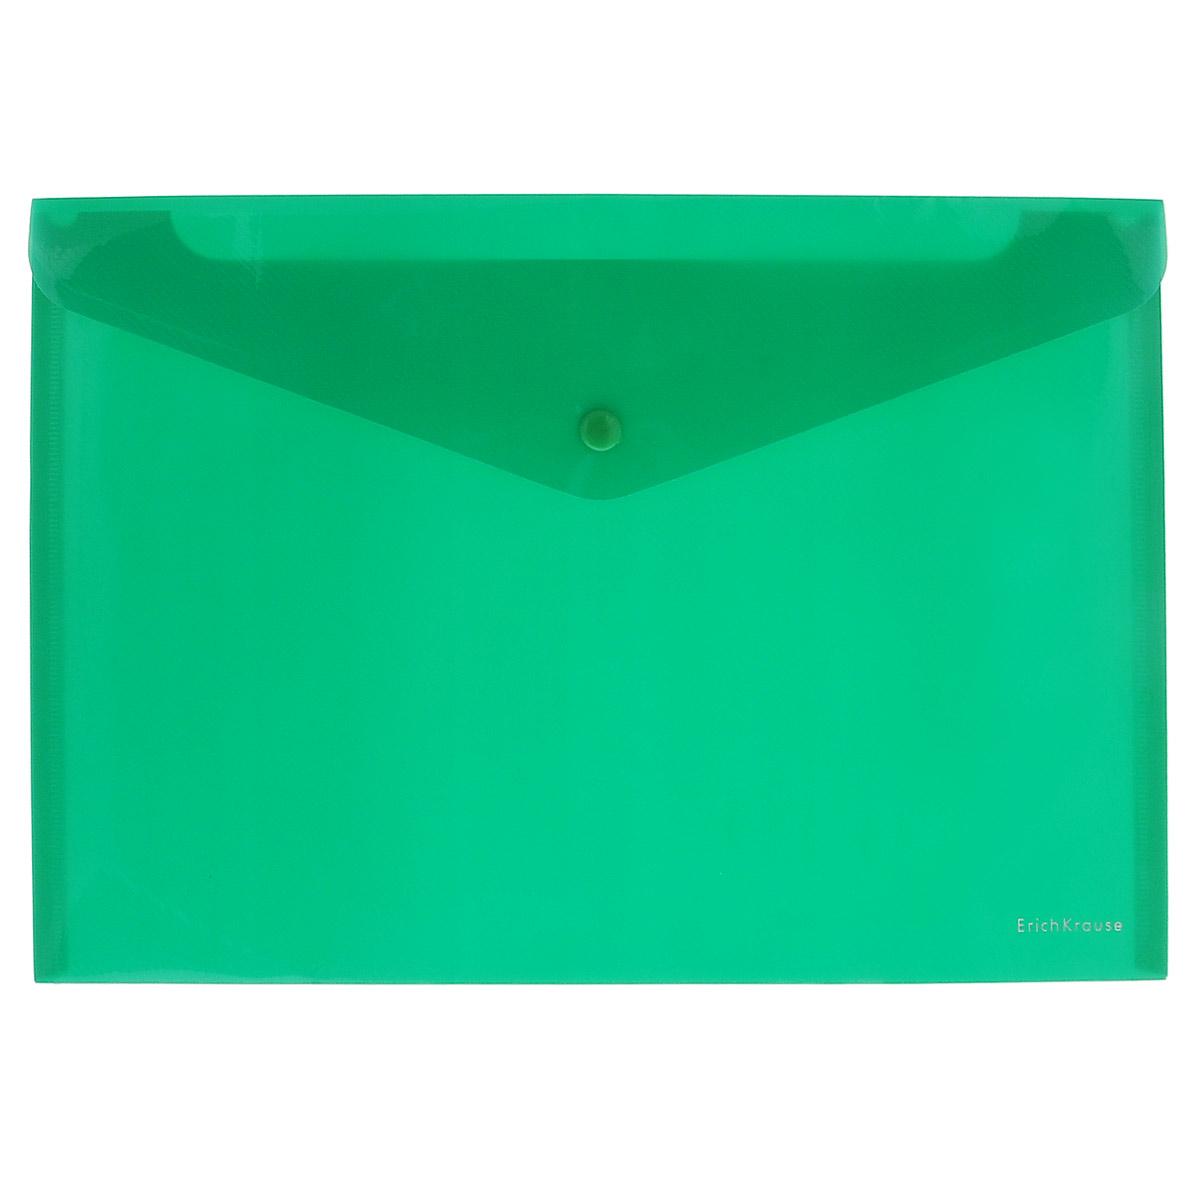 Erich KrauseПапка-конверт на кнопке Envelope Folder цвет зеленый Erich Krause